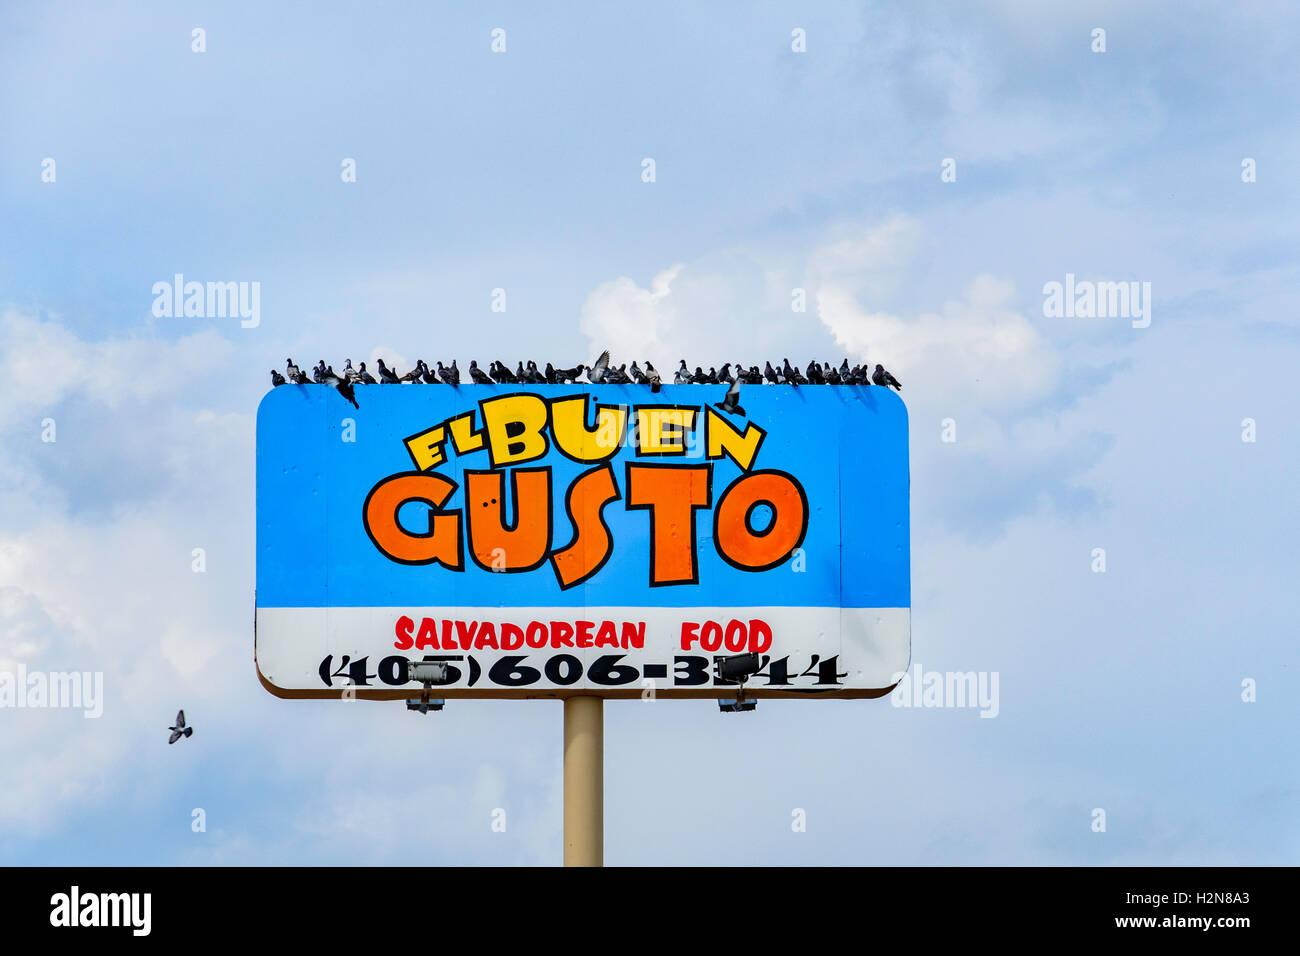 Piccioni viaggiatori o rock colombe, Columba livia, gregge il polo di segno di El Buen Gusto, 2116 SW 74th, Oklahoma Immagini Stock